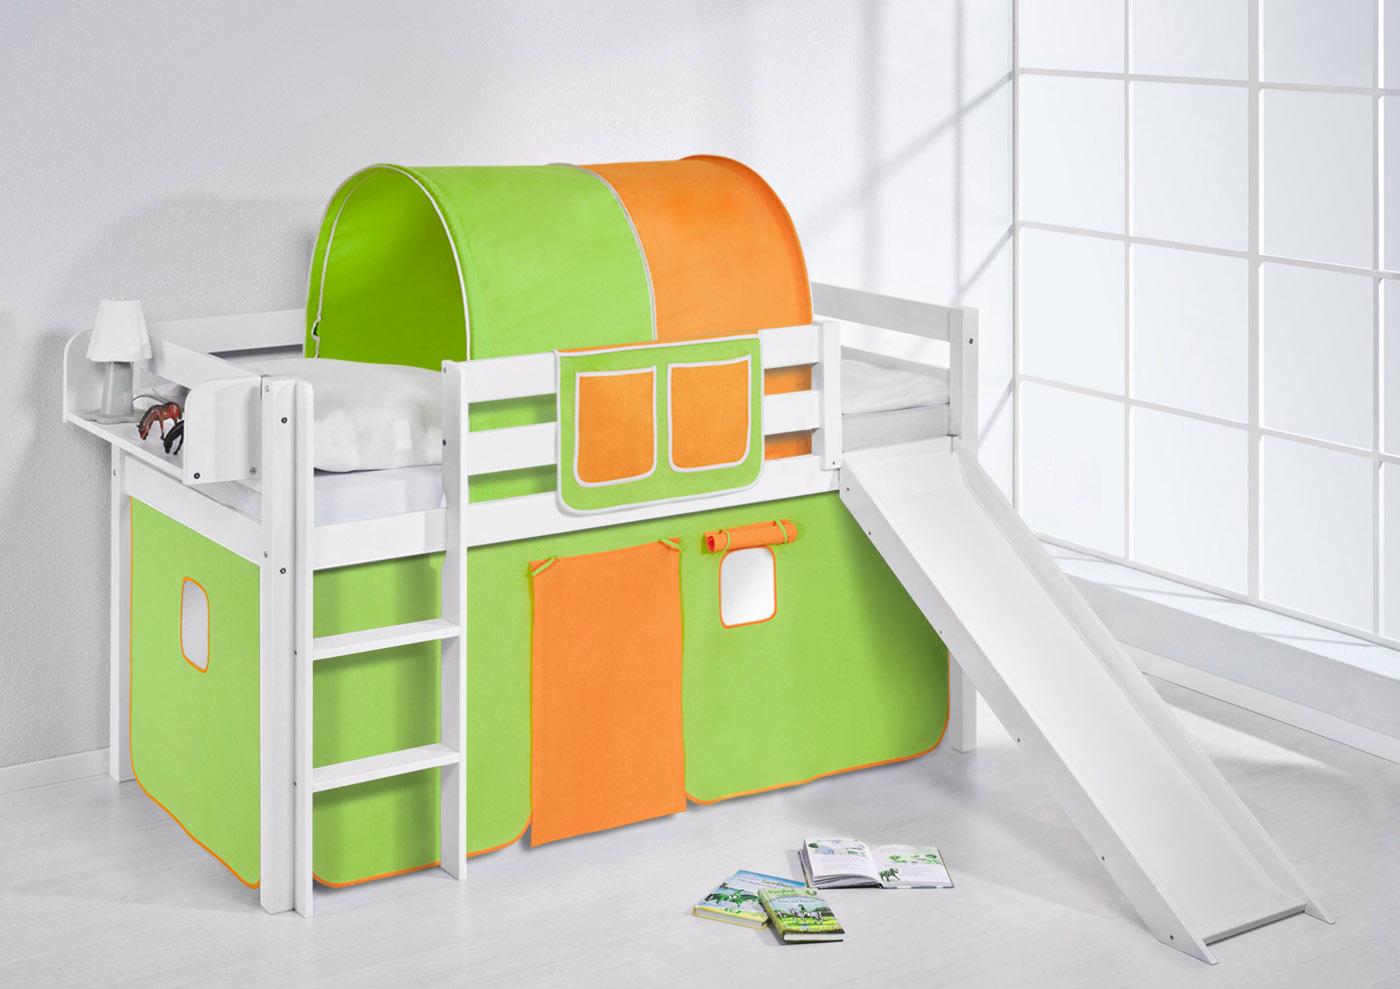 spielbett hochbett kinderbett kinder bett jelle mit. Black Bedroom Furniture Sets. Home Design Ideas